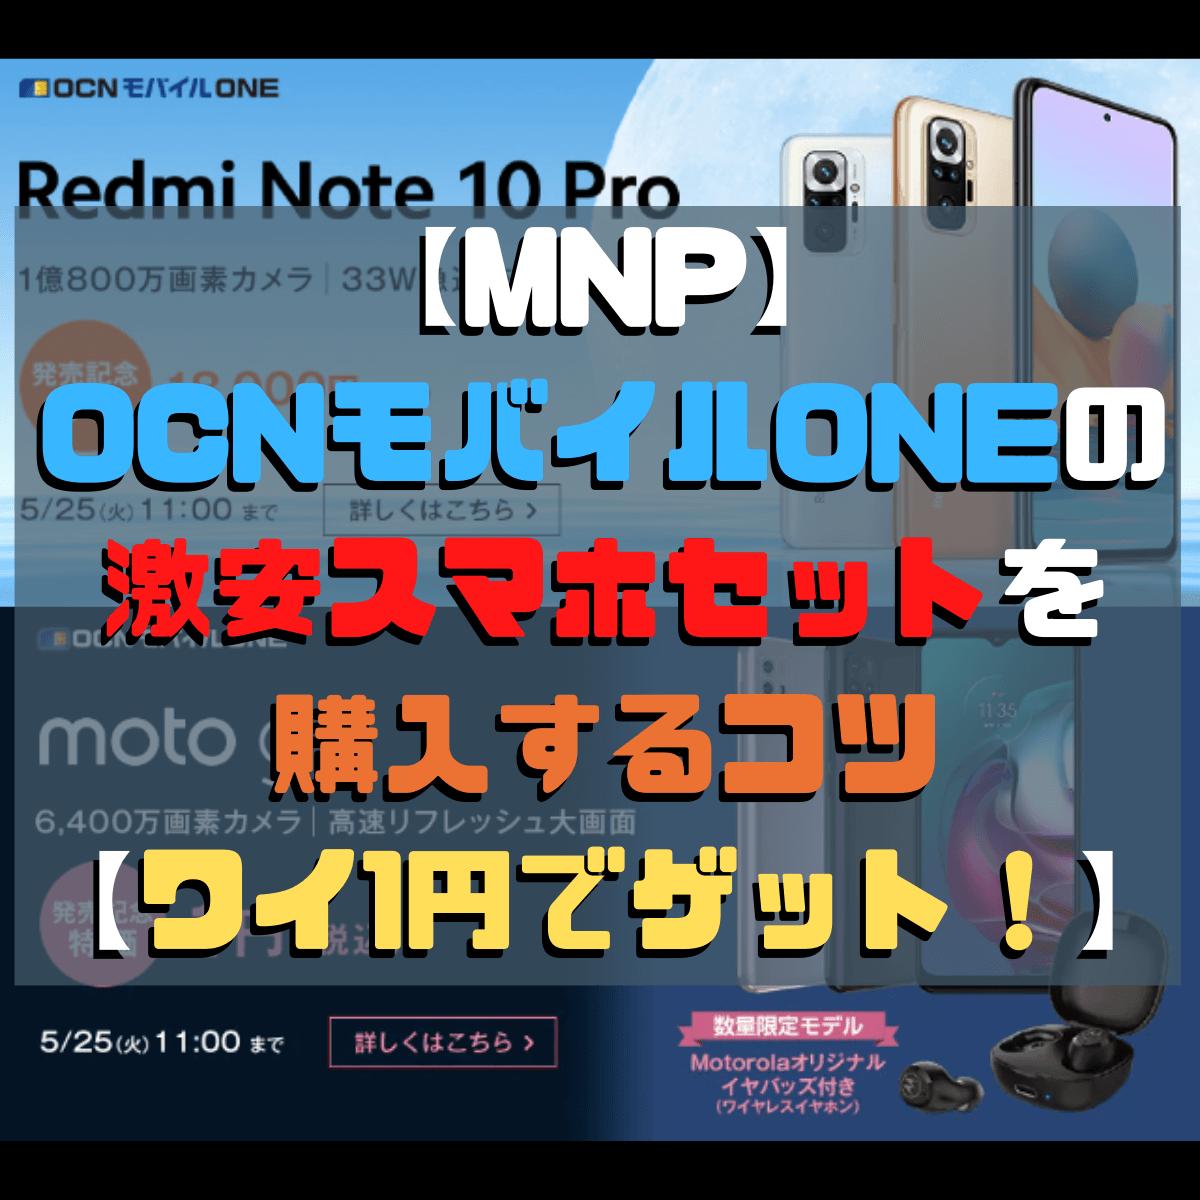 【MNP】 OCNモバイルONEの 激安スマホセットを 購入するコツ 【ワイ1円でゲット!】